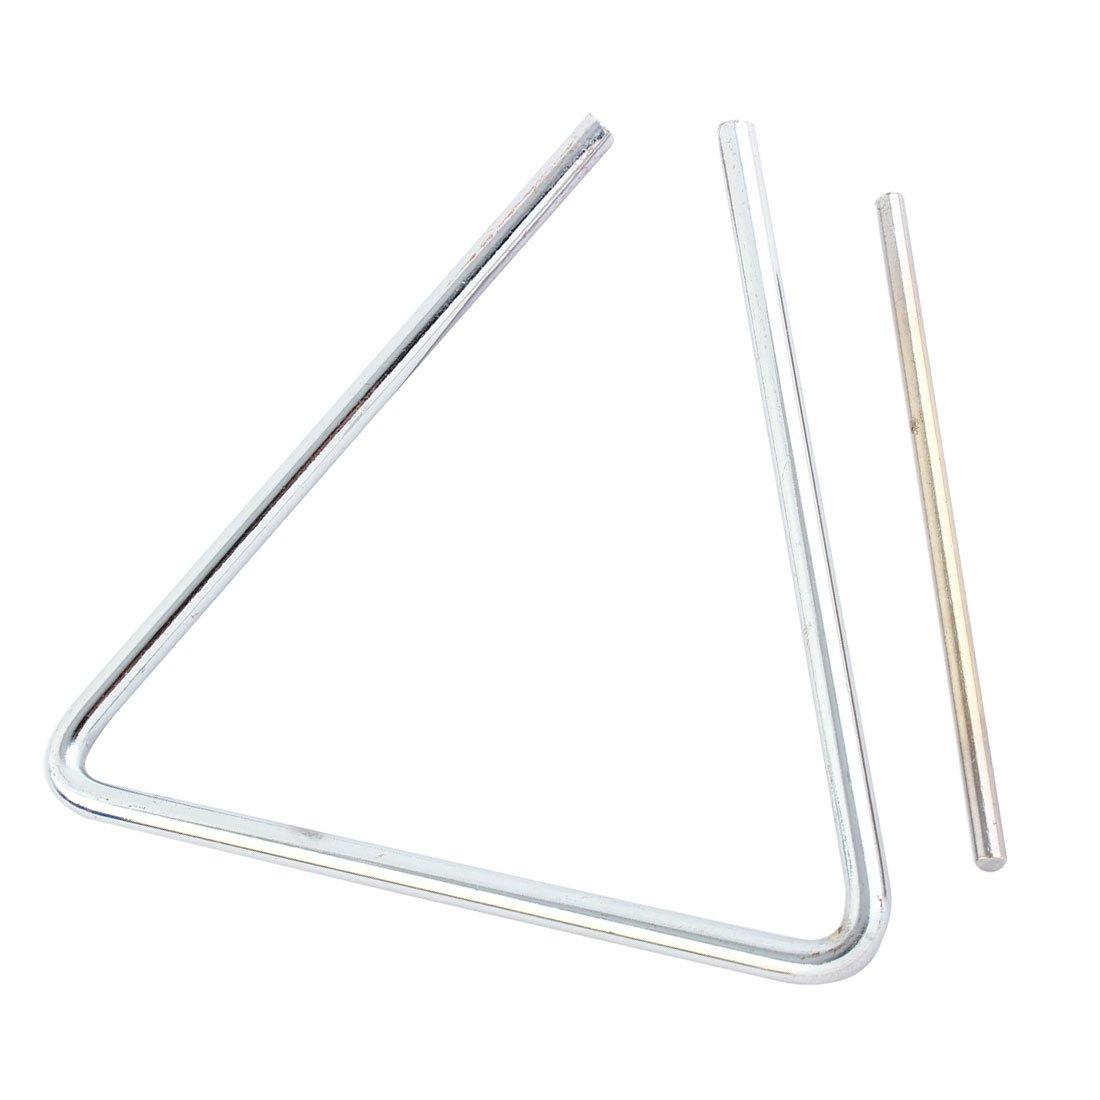 Orquesta Percusión 15.2cm Musical Acero Pedazo Triángulo Sourcingmap Com-8890